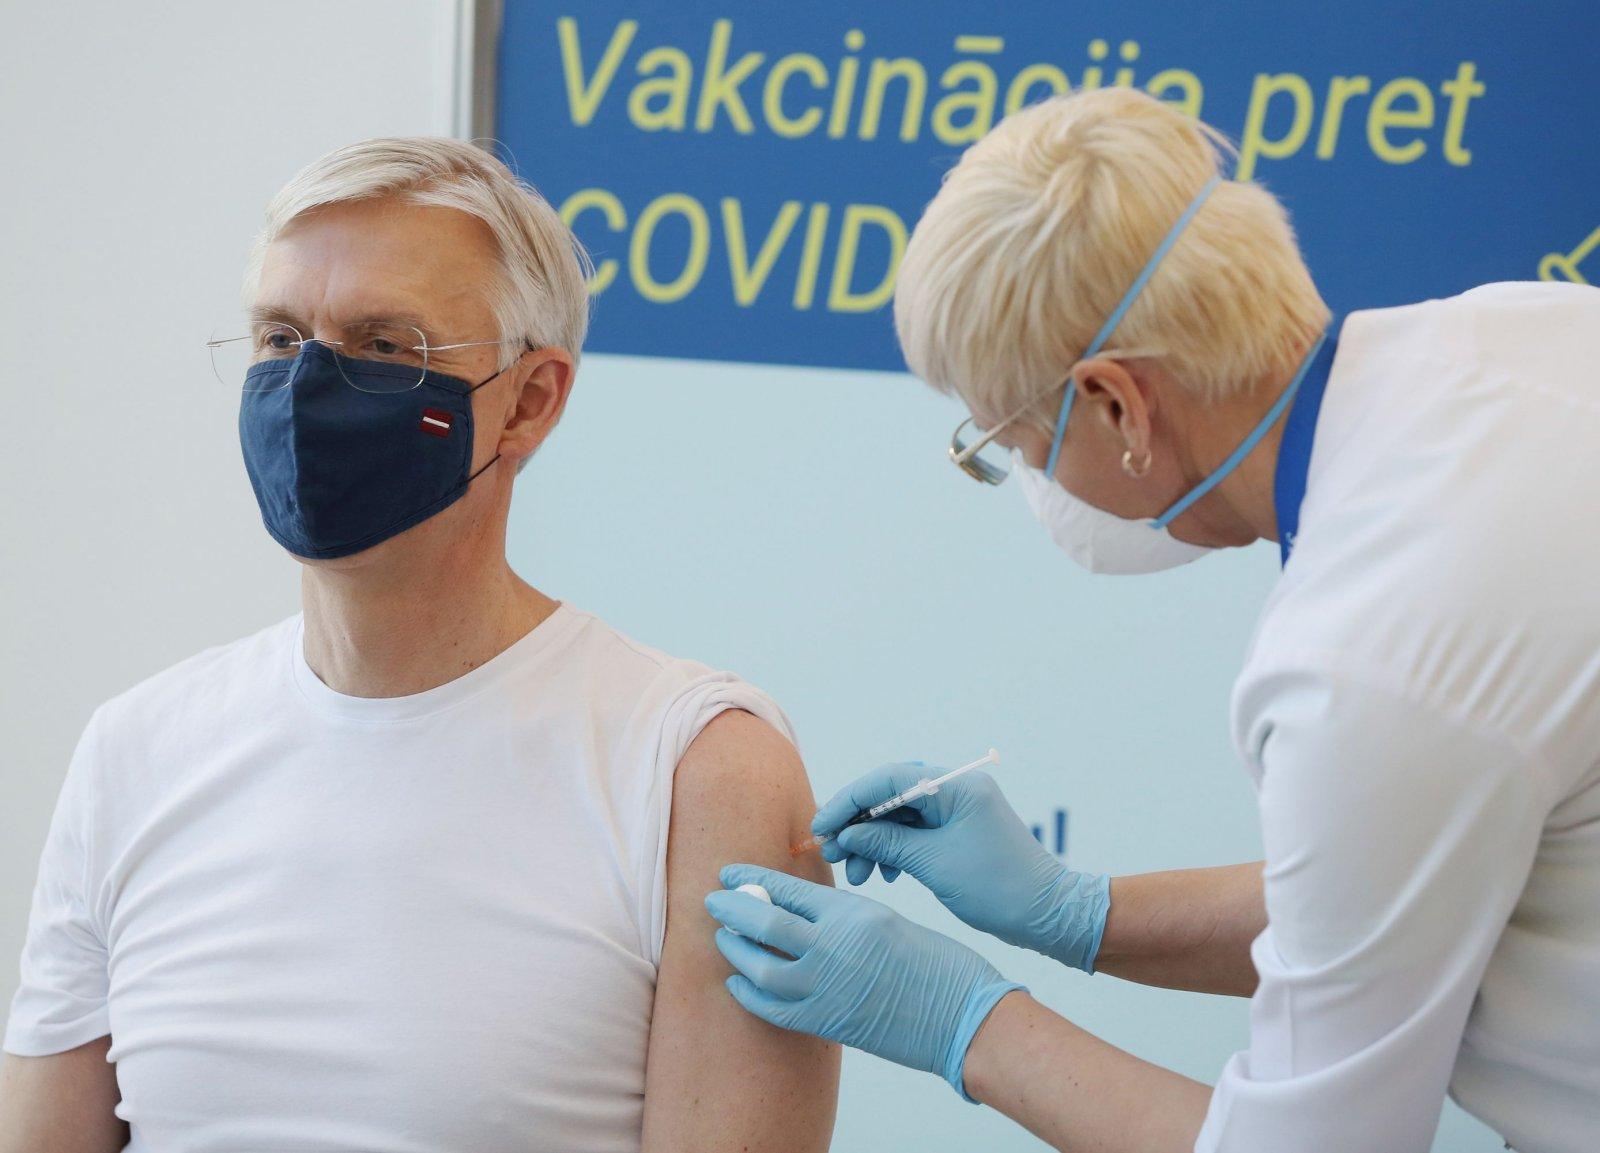 Lätis tegeleb vaktsineerimise korraldamisega eraldi büroo, mida juhib laulu- ja tantsupidude korraldusjuht